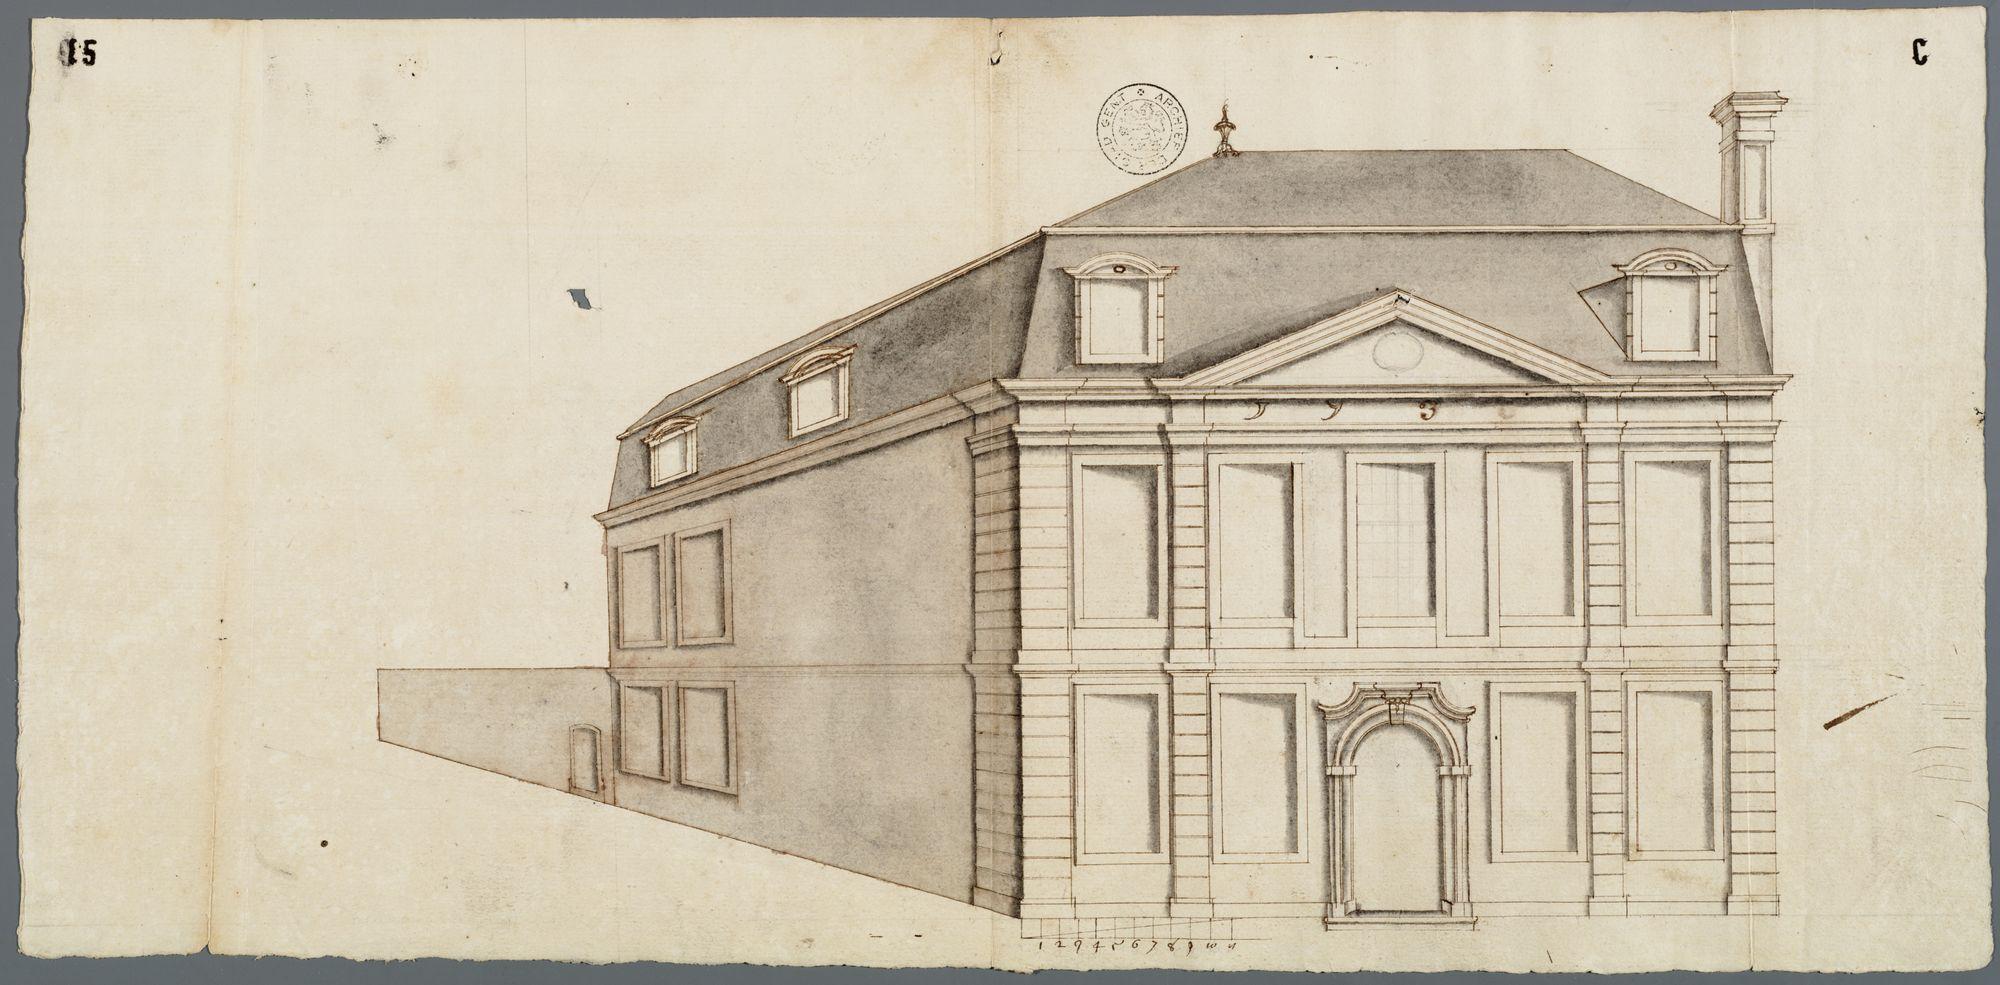 Gent: Korenlei, 1730: perspectieftekening gevels